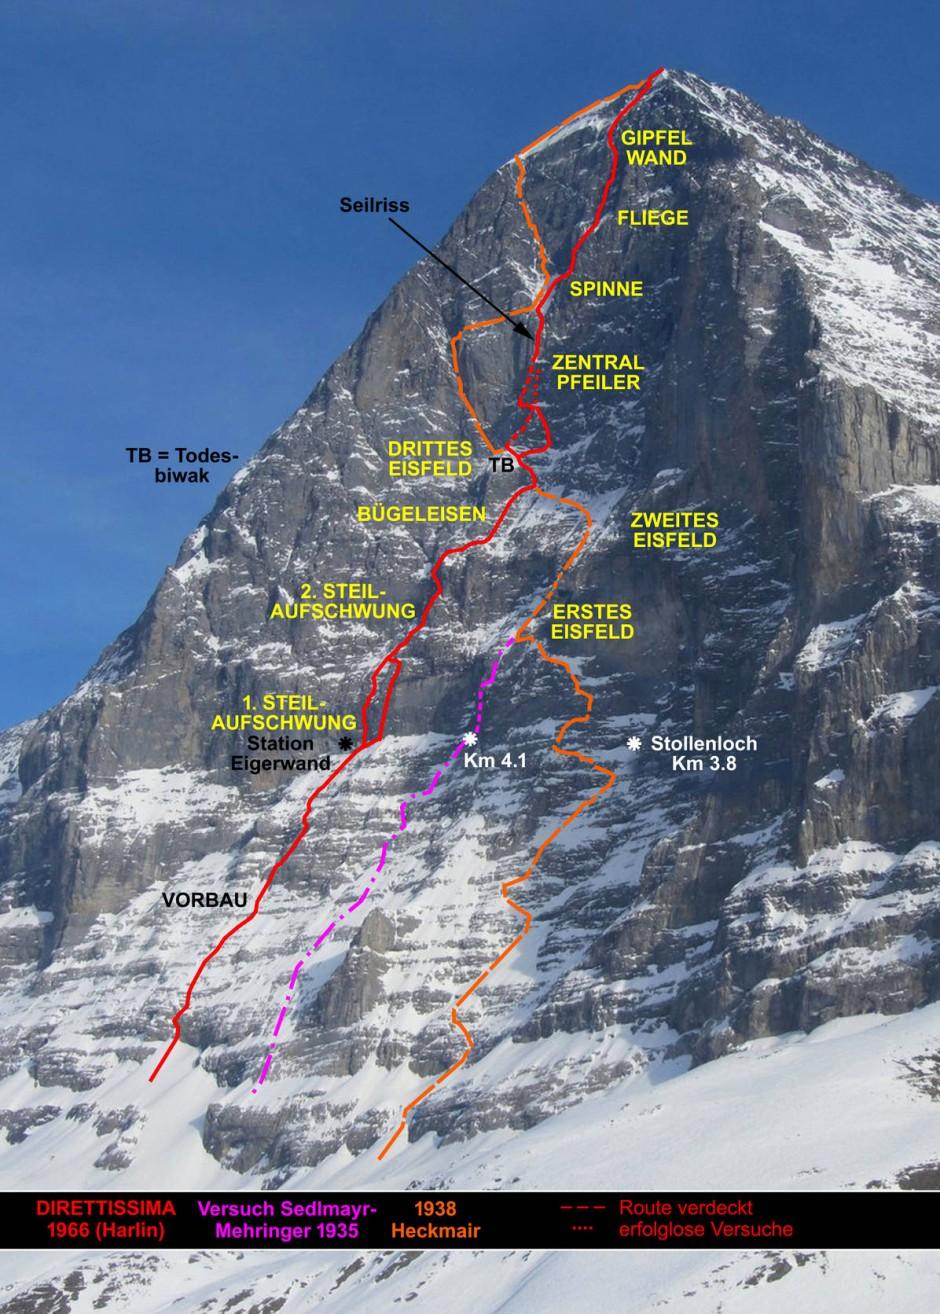 Bilderstrecke zu Die EigerNordwand bleibt die Wand der Wnde  Bild 5 von 6  FAZ